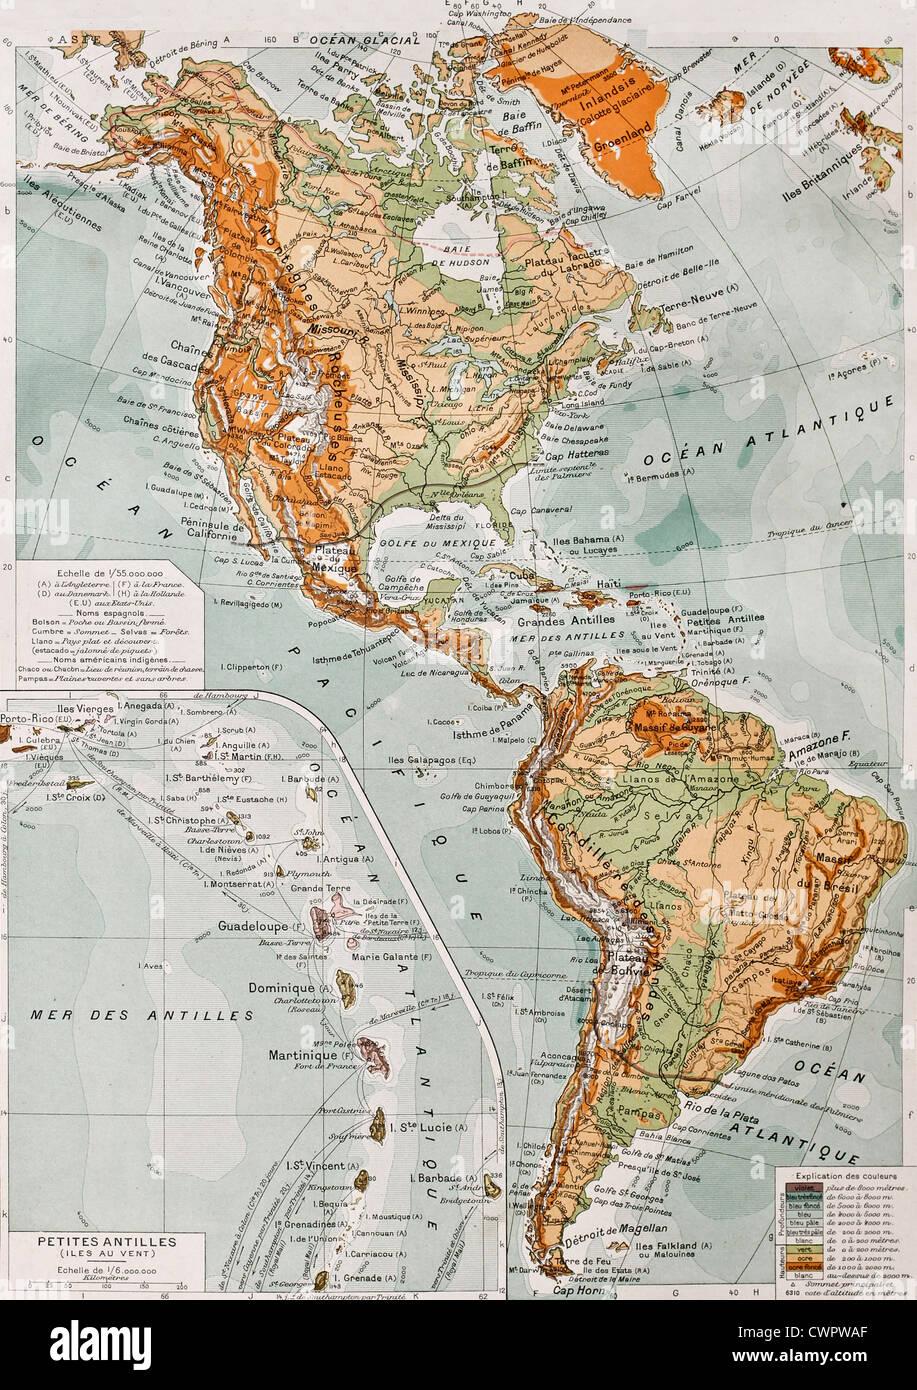 Carte Amerique Physique.Carte Physique De L Amerique Banque D Images Photo Stock